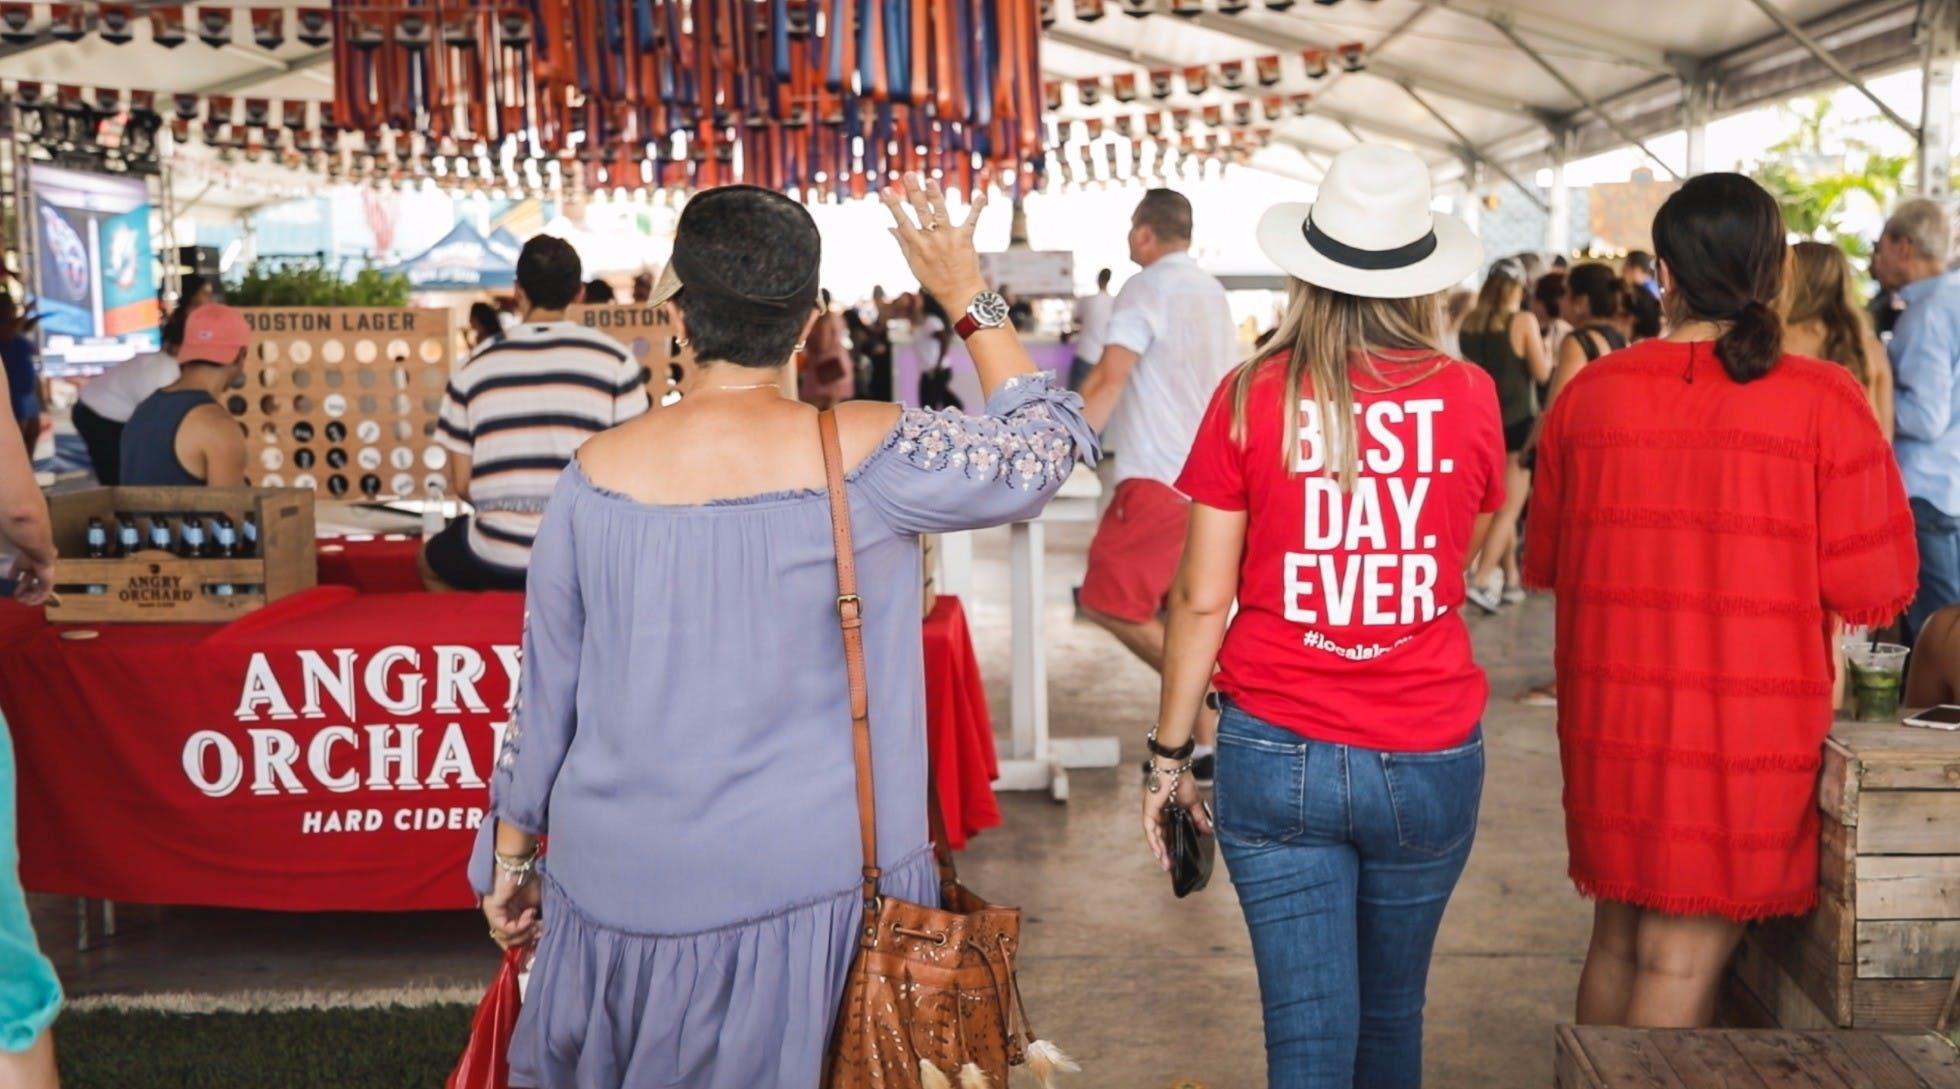 Total Miami Tour: Little Havana, Wynwood & South Beach - Tour Photo 1 of 8